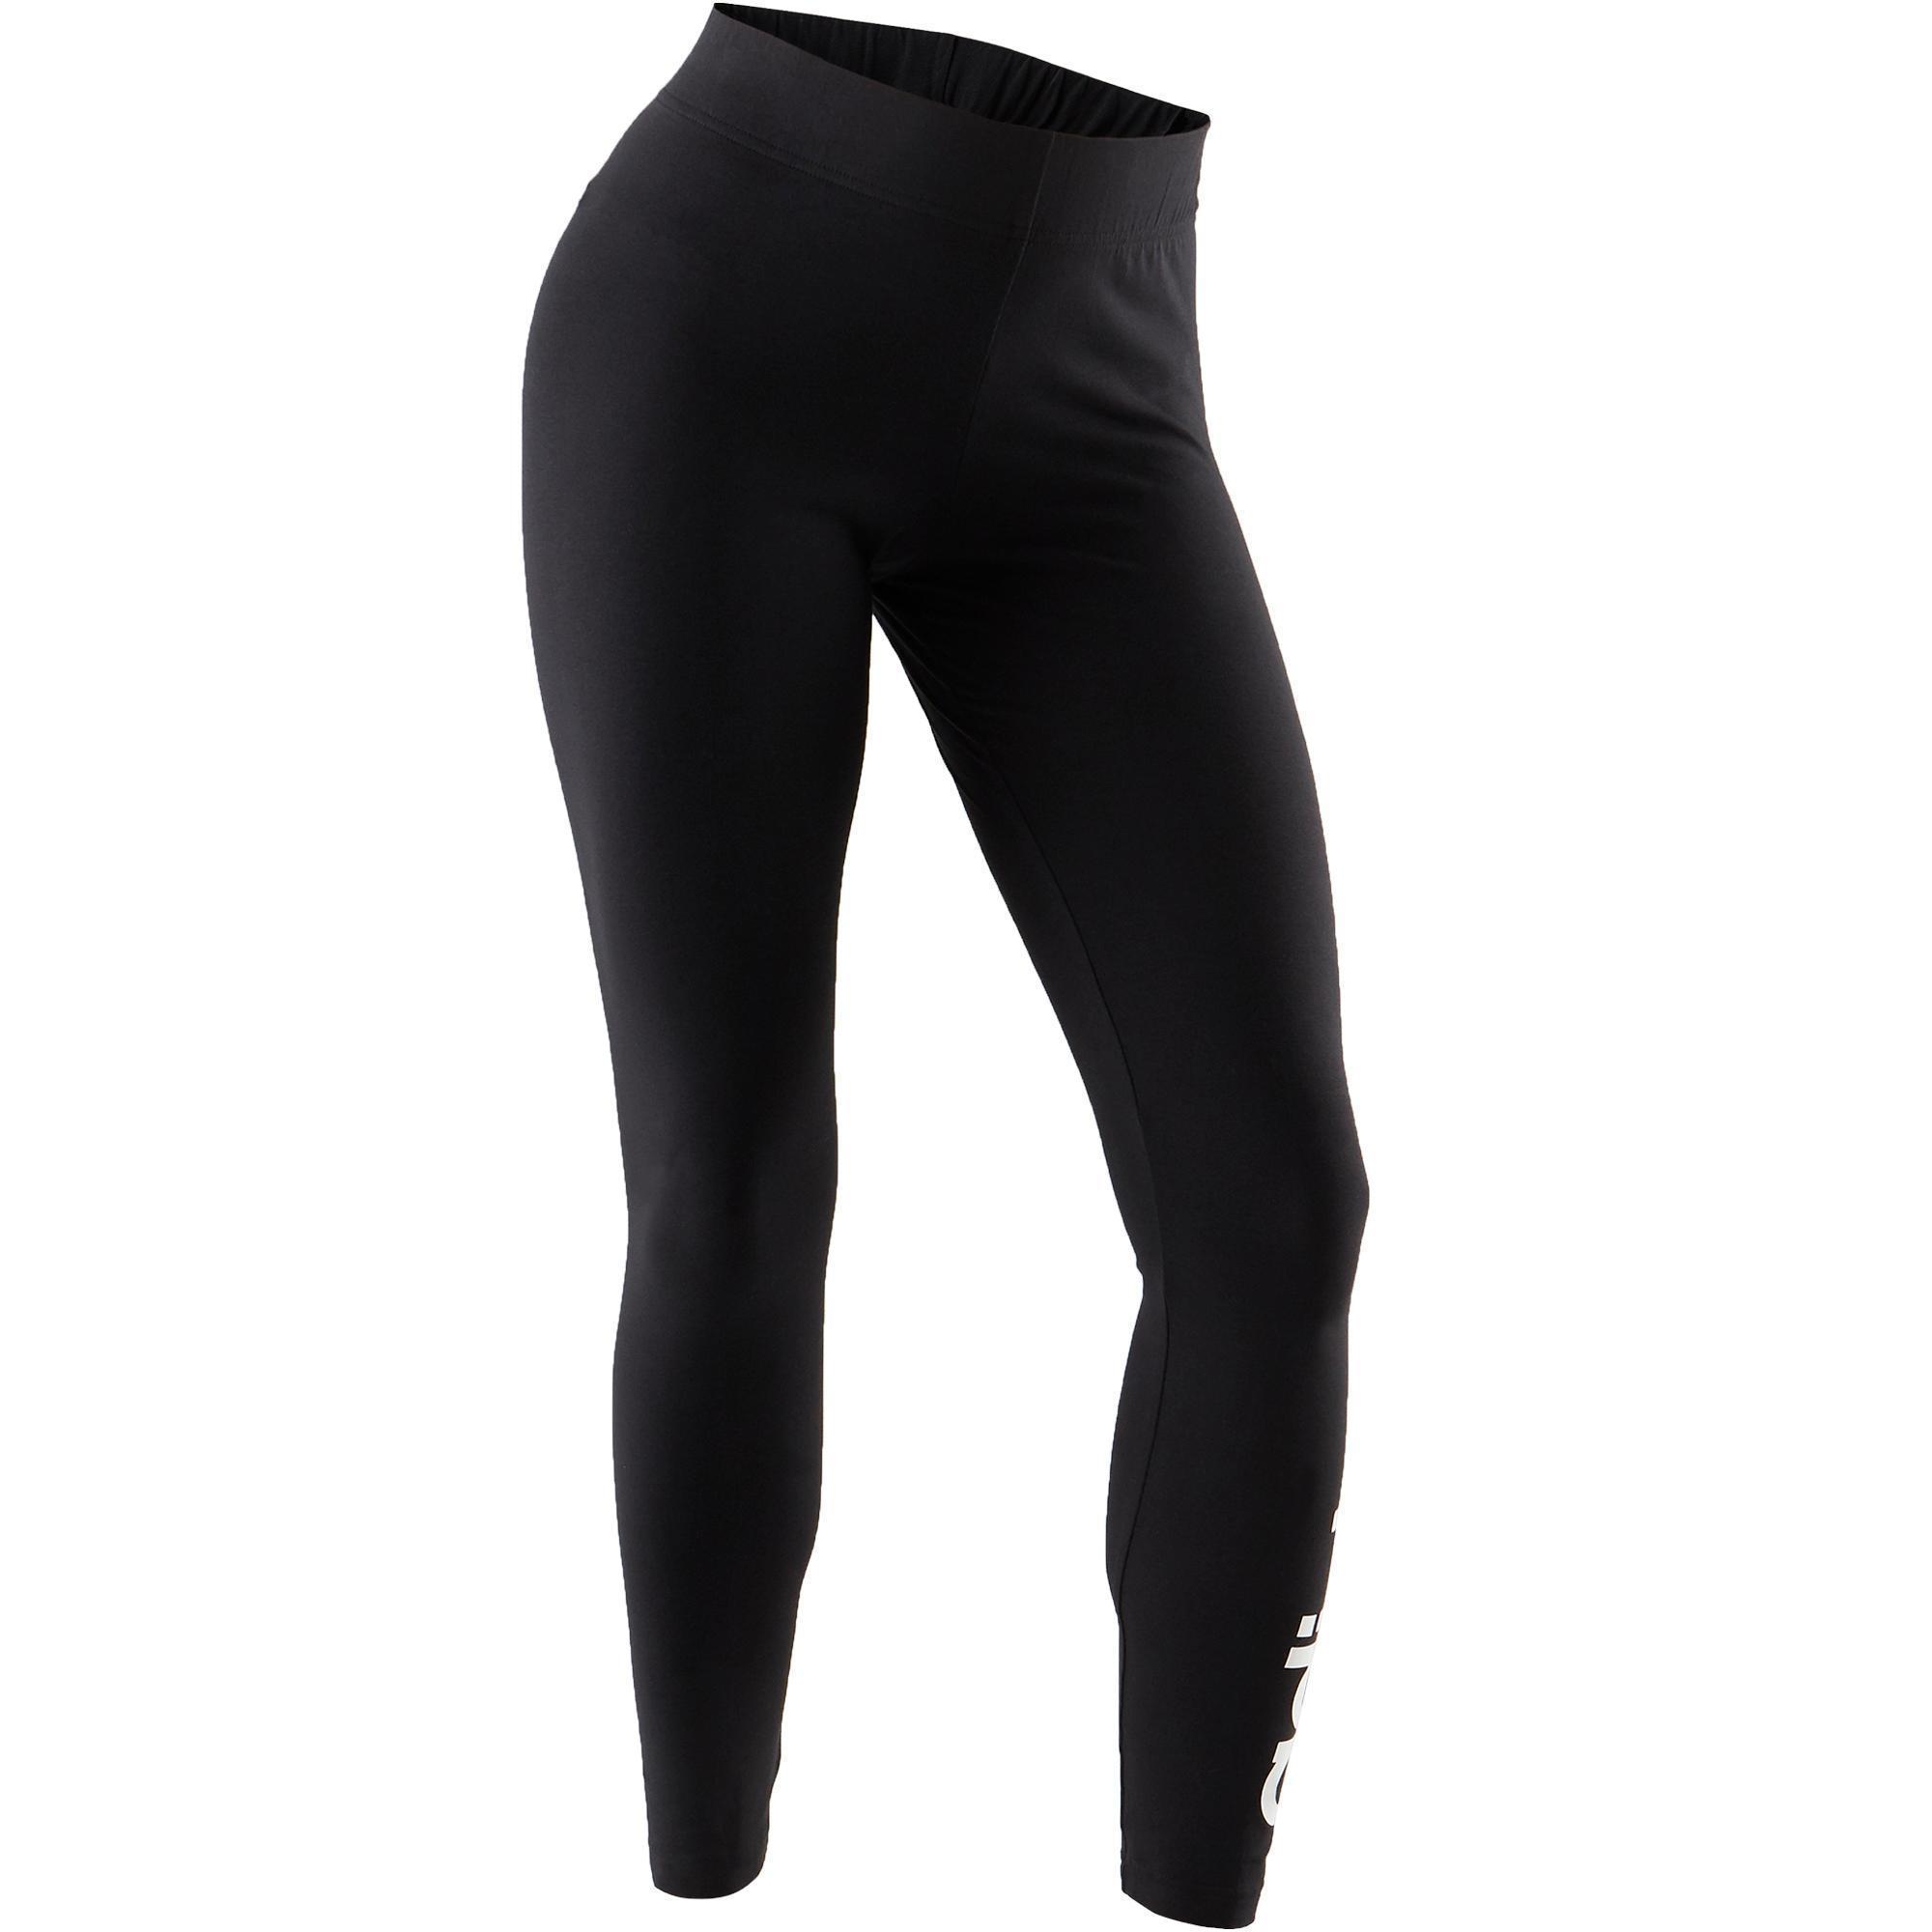 6201a5ea68a Adidas Legging Adidas 3S 500 pilates lichte gym dames grijs/roze kopen met  voordeel